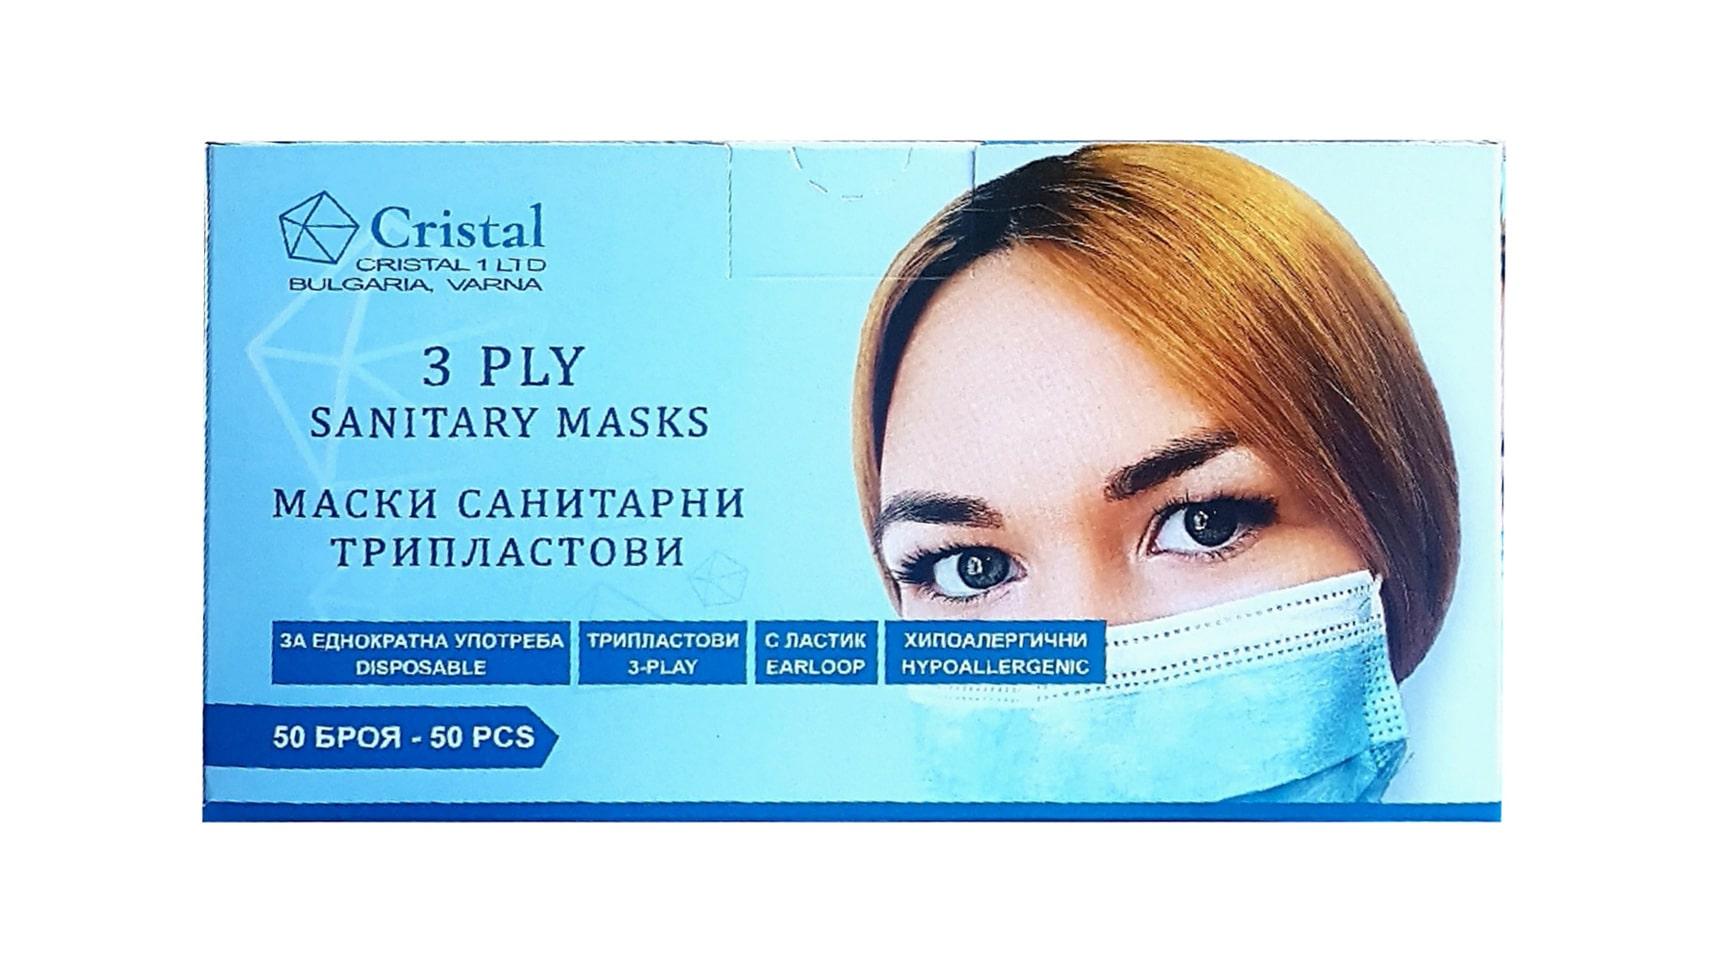 Санитарни маски за еднократна употреба Cristal One - 50 бр.